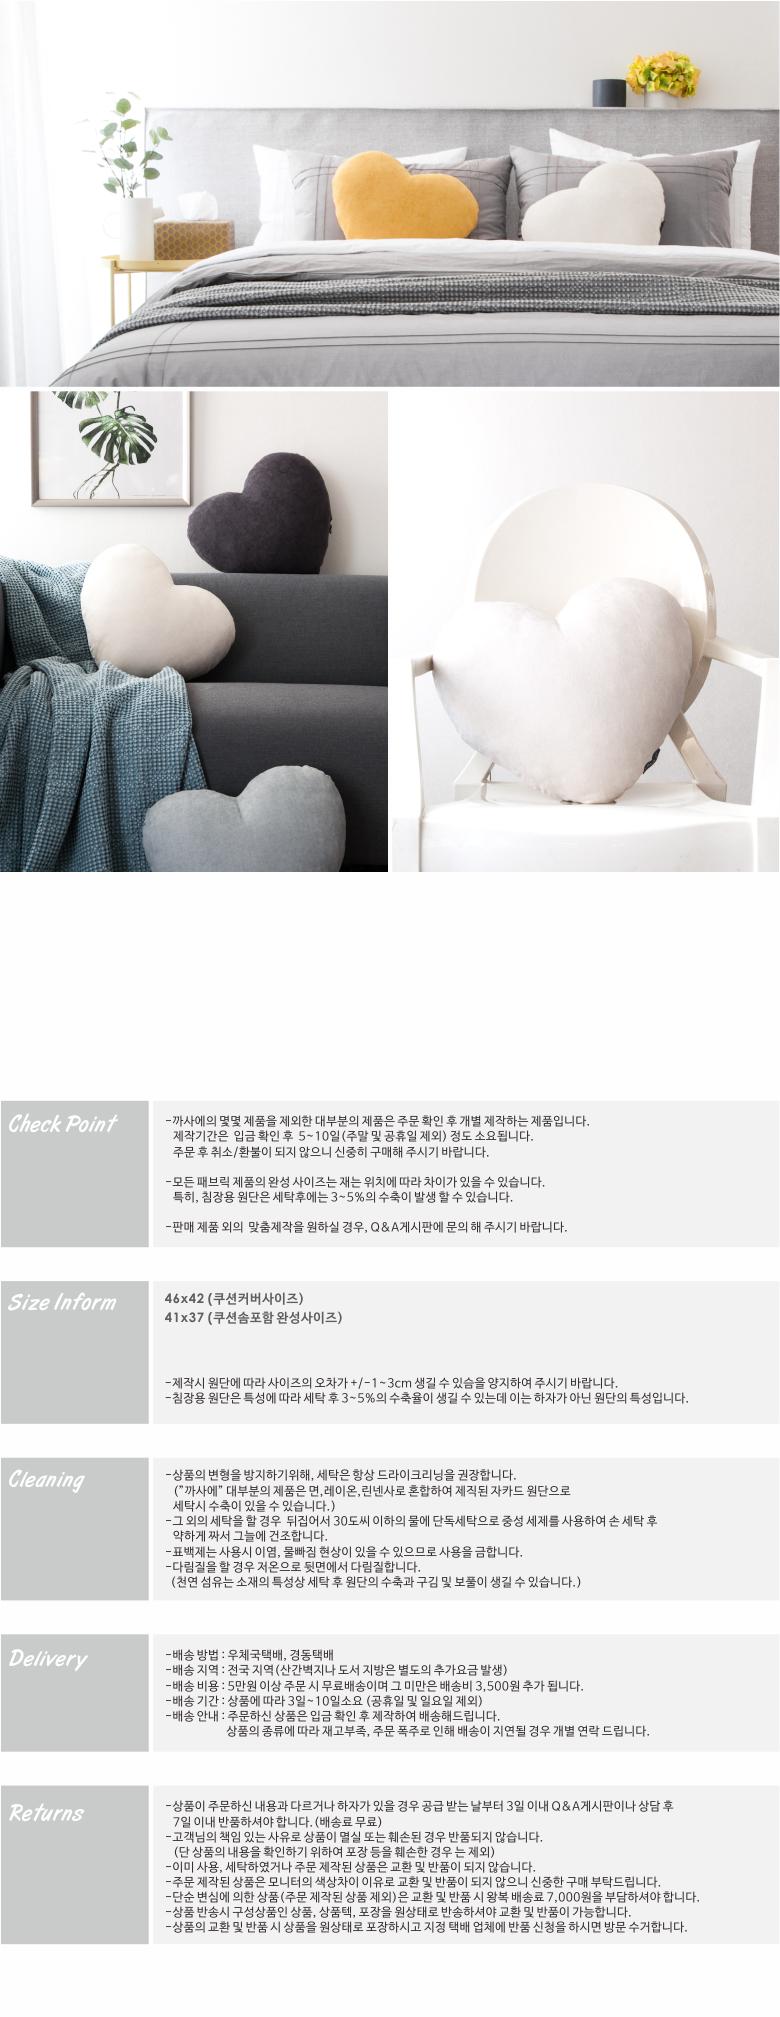 하트쿠션 소프티 라떼 (솜포함) - 까사에, 27,000원, 쿠션, 캐릭터